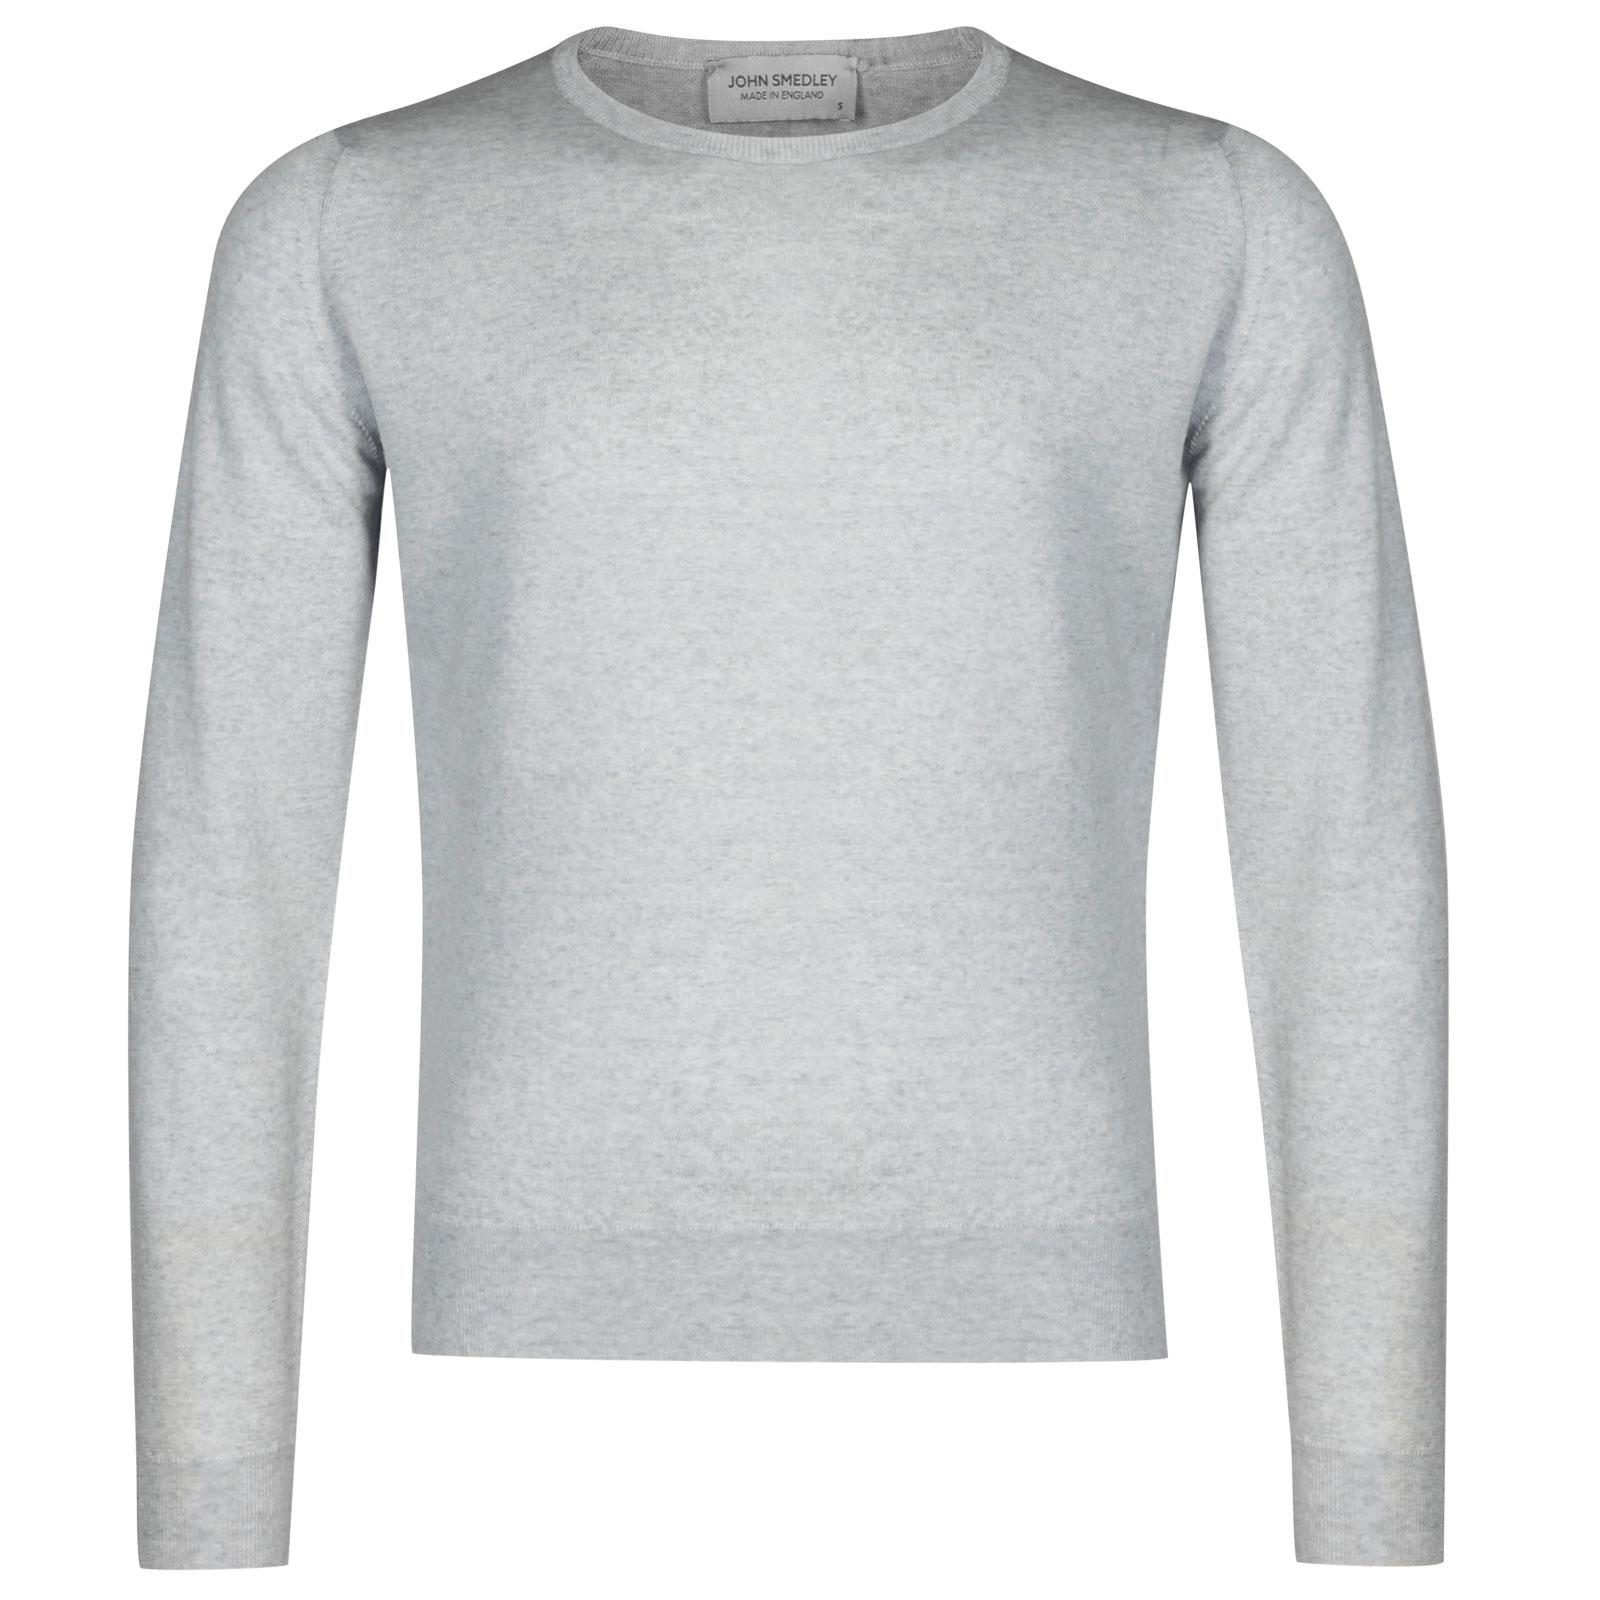 John Smedley sicily Merino Wool Pullover in Bardot Grey-XL